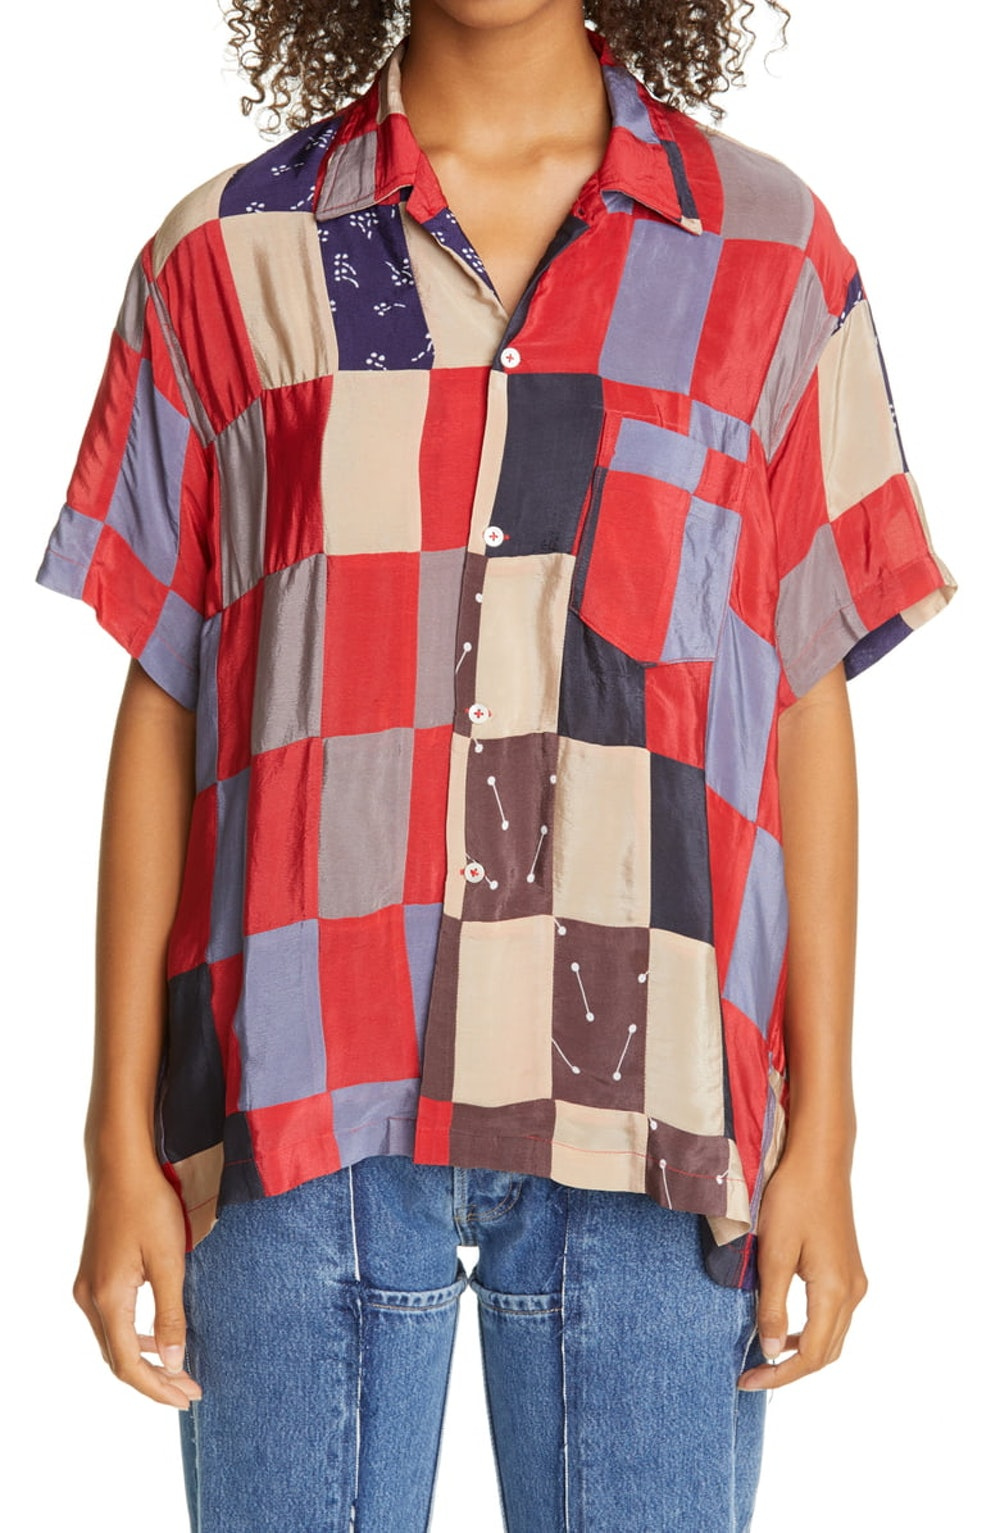 Chandigarh Quilt Bowling Shirt